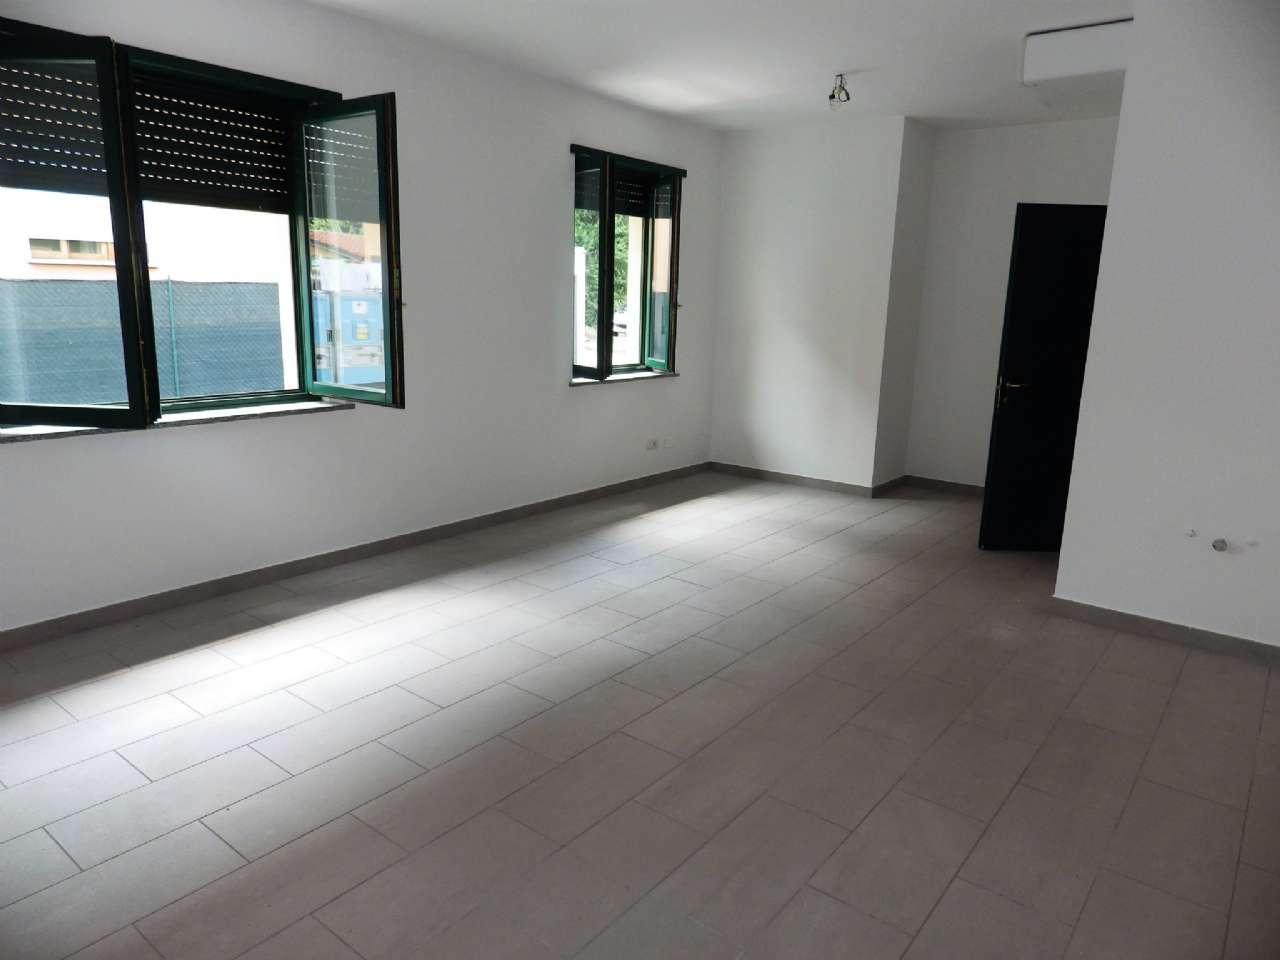 Ufficio / Studio in affitto a Grugliasco, 9999 locali, zona Località: CentroPaese, prezzo € 530 | CambioCasa.it